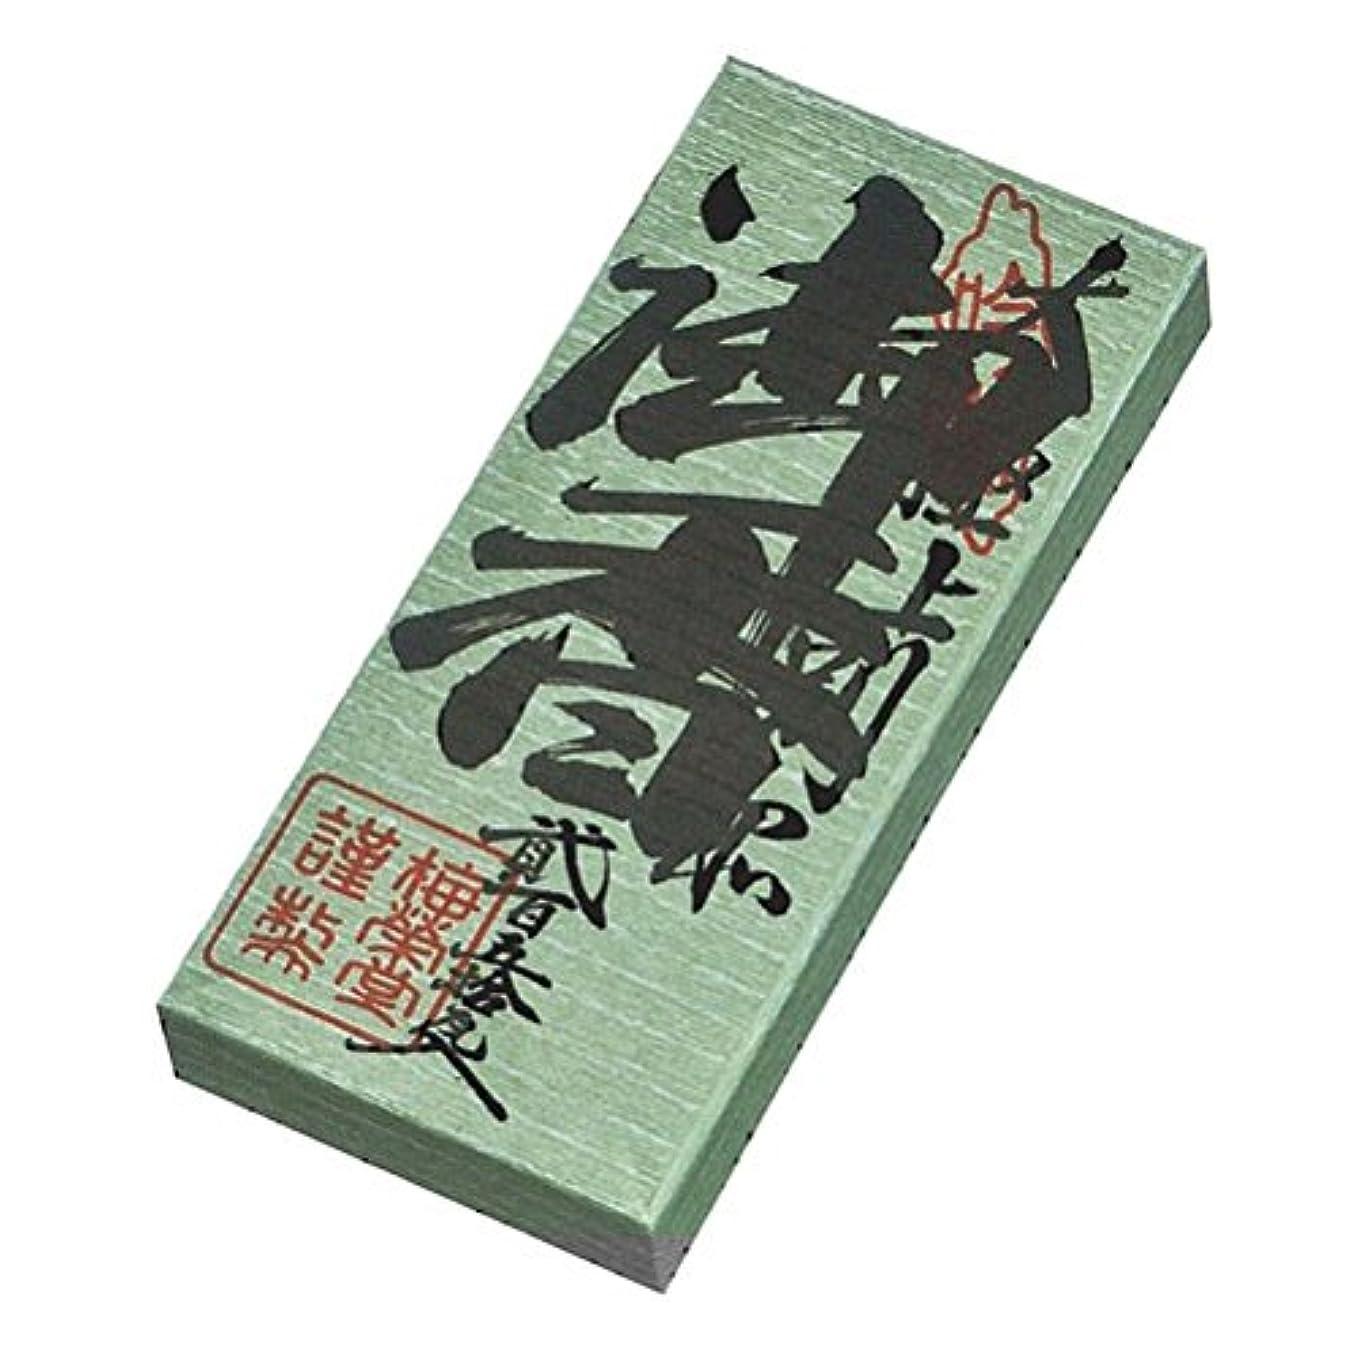 強調聖なる火山梅檀印 250g 紙箱入り お焼香 梅栄堂